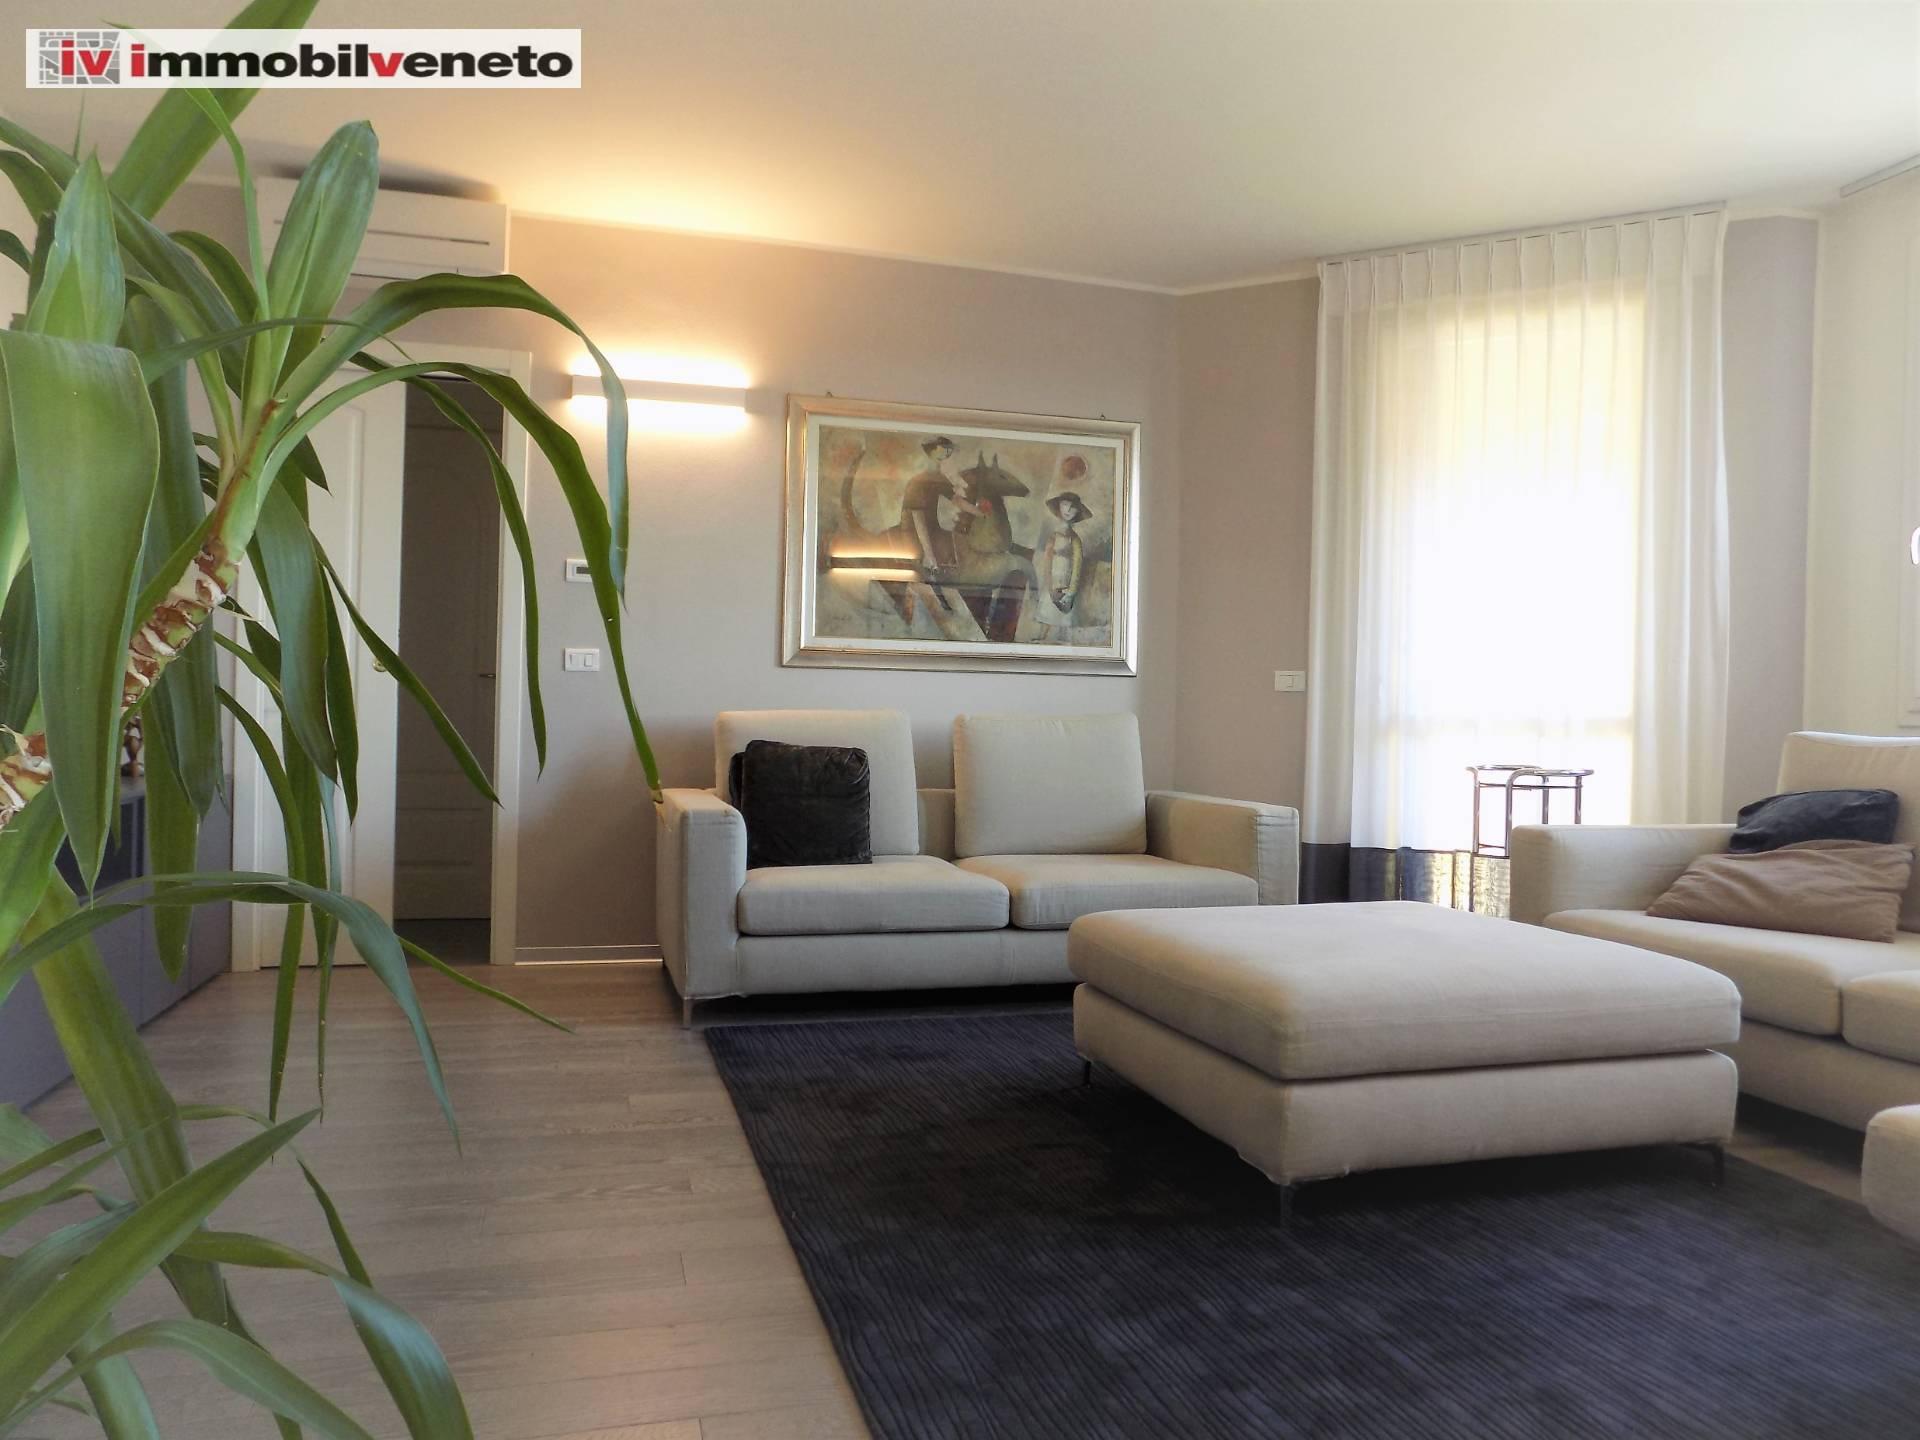 Appartamento in vendita a Lonigo, 7 locali, Trattative riservate | CambioCasa.it